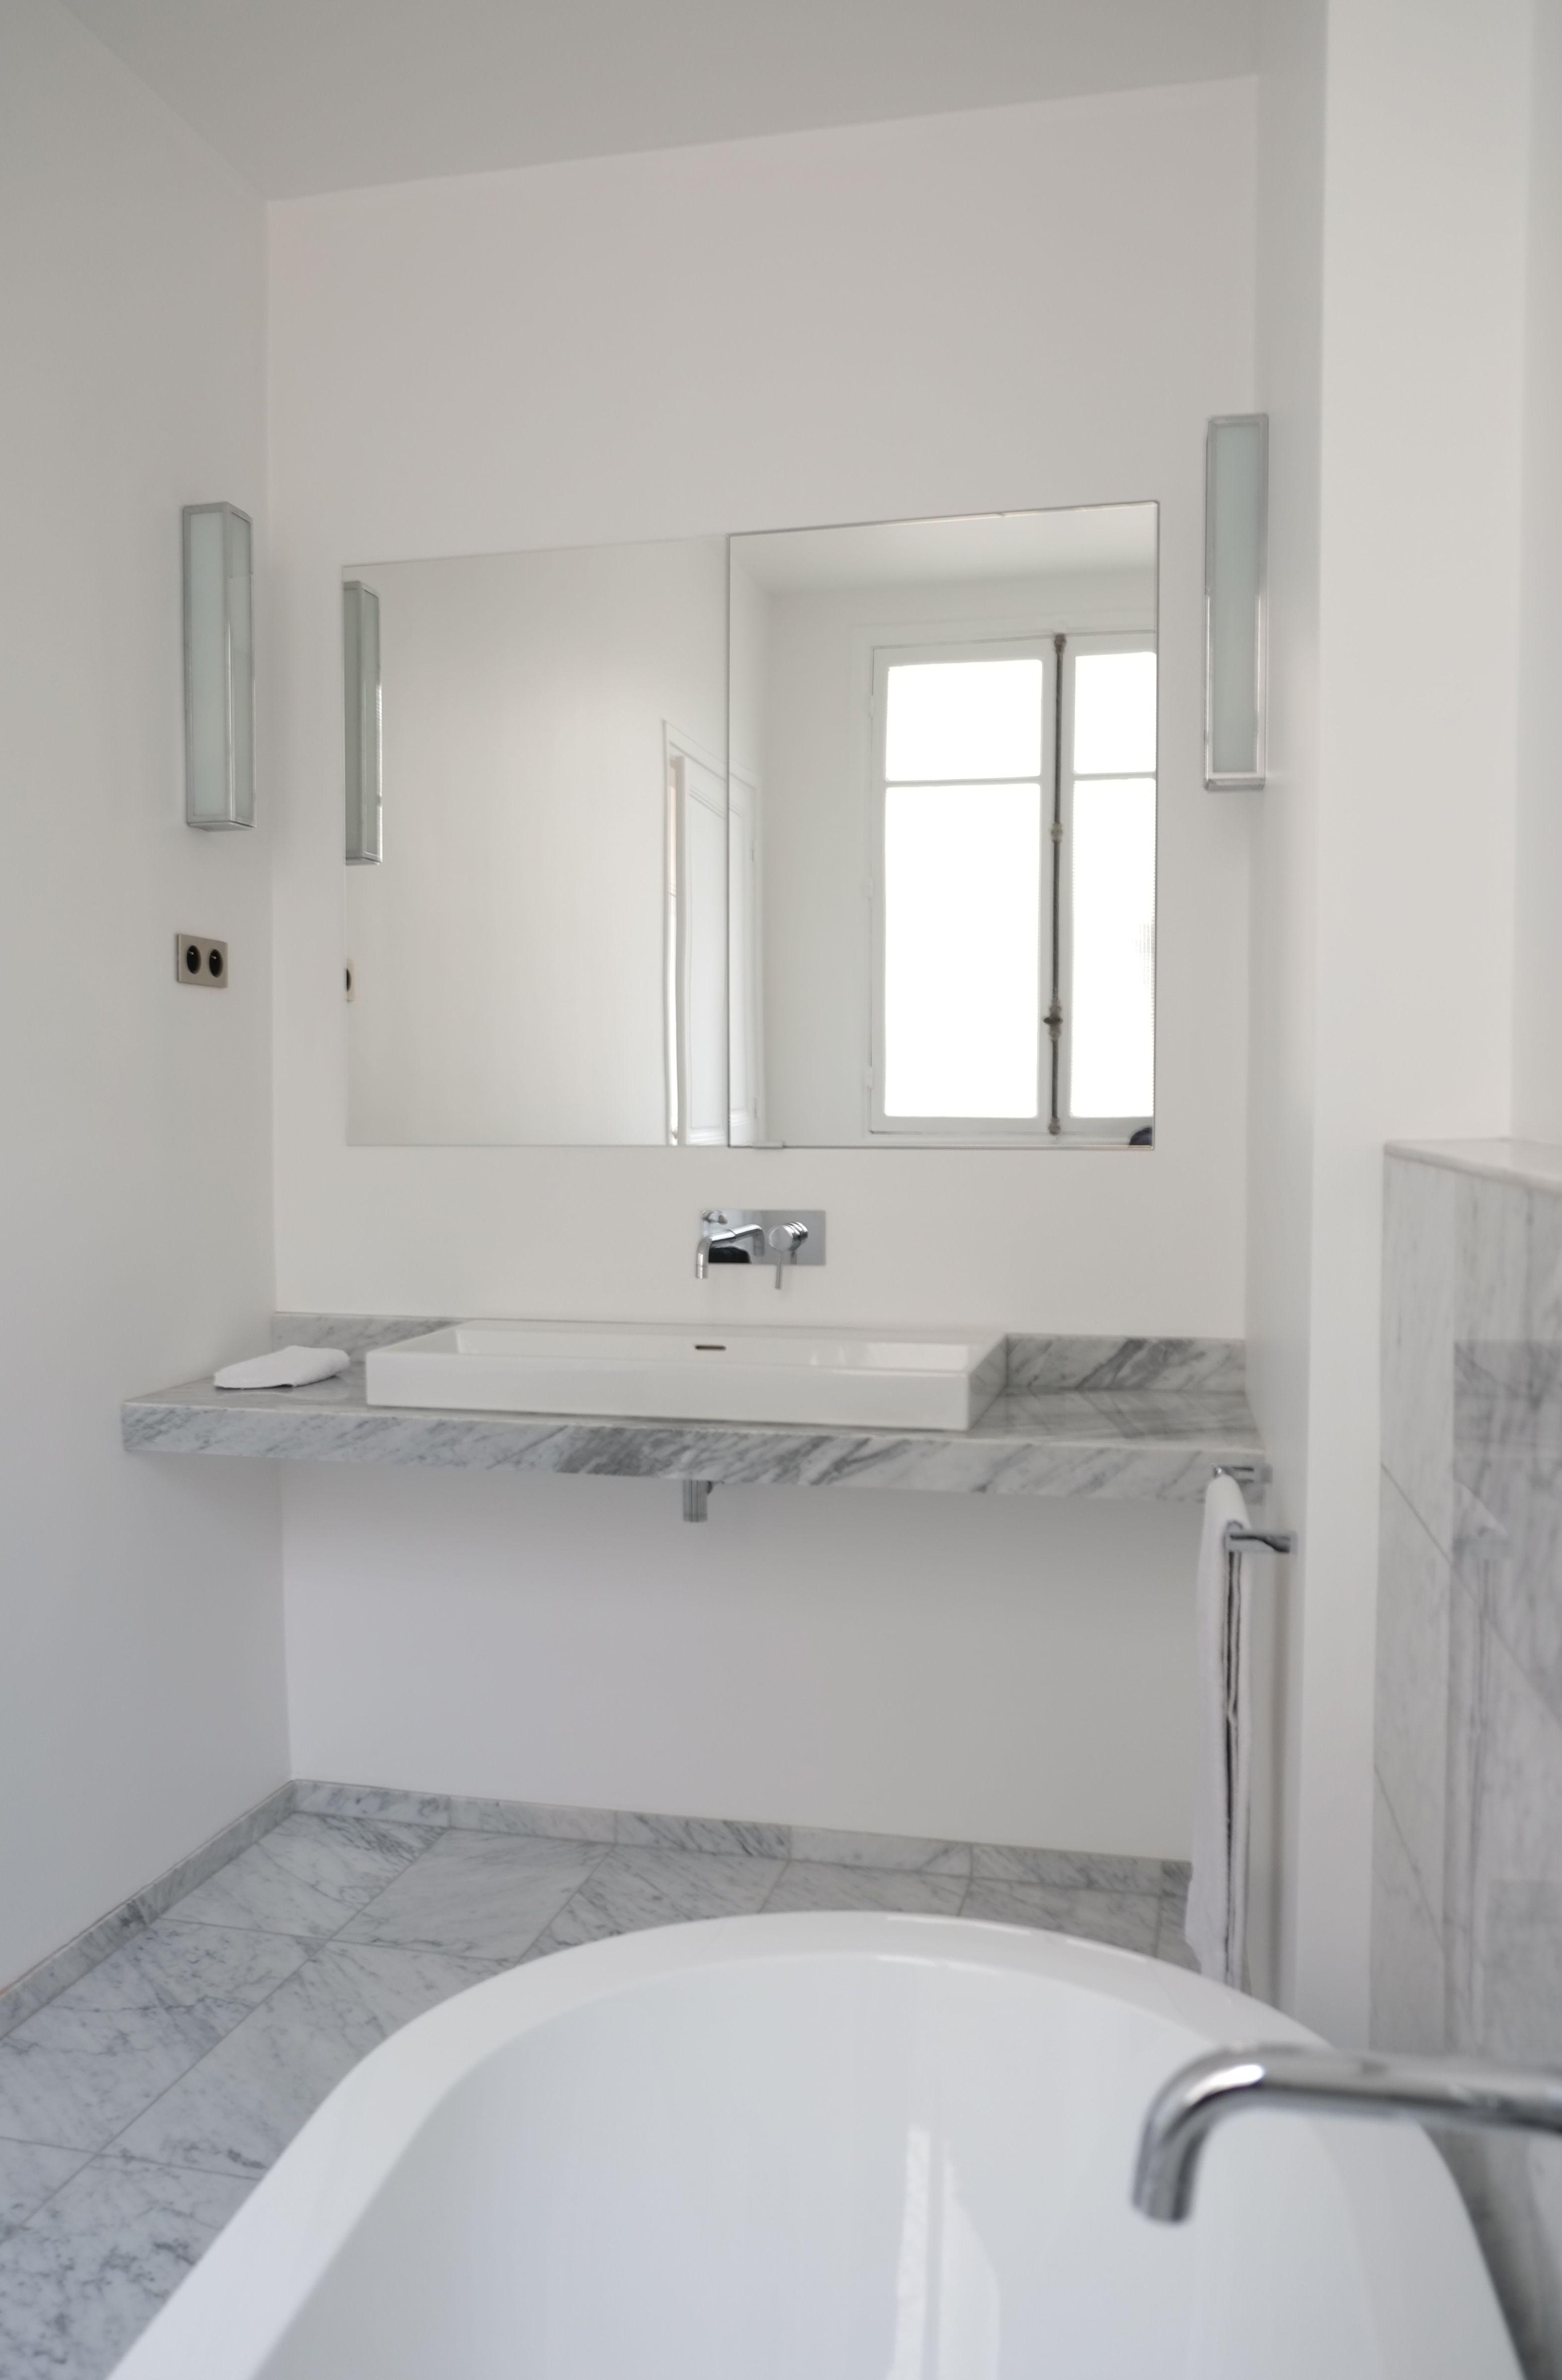 kevin velghe atelier kva salle de bain en marbre de carrare